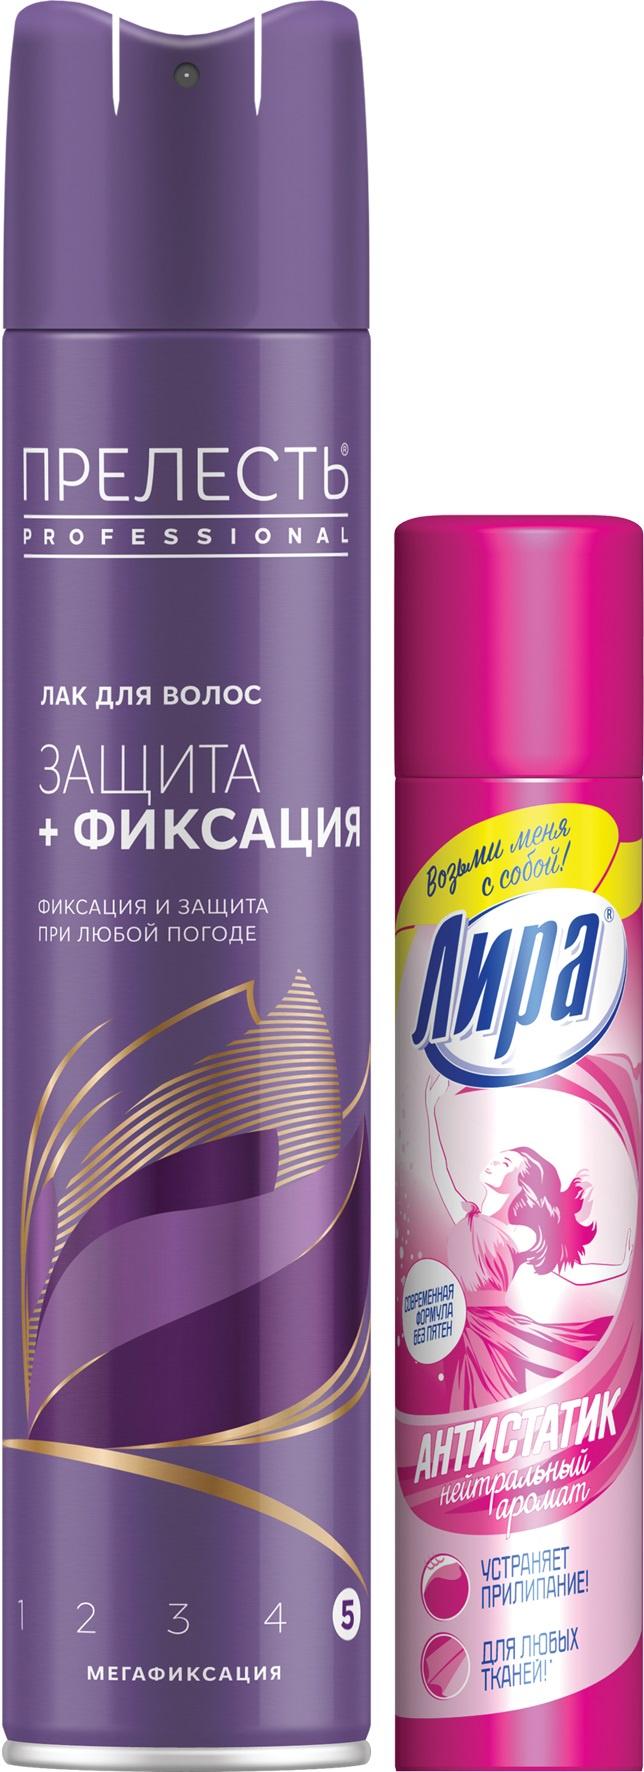 Lak-dlya-volos-Prelestq-Professional-Prelestq-Professional-Zawita-megafiksaciya-300-ml-i-antistatik-dlya-odezhdy-LIRA-Antistatik-Nejtralqnyj-zapah-75-